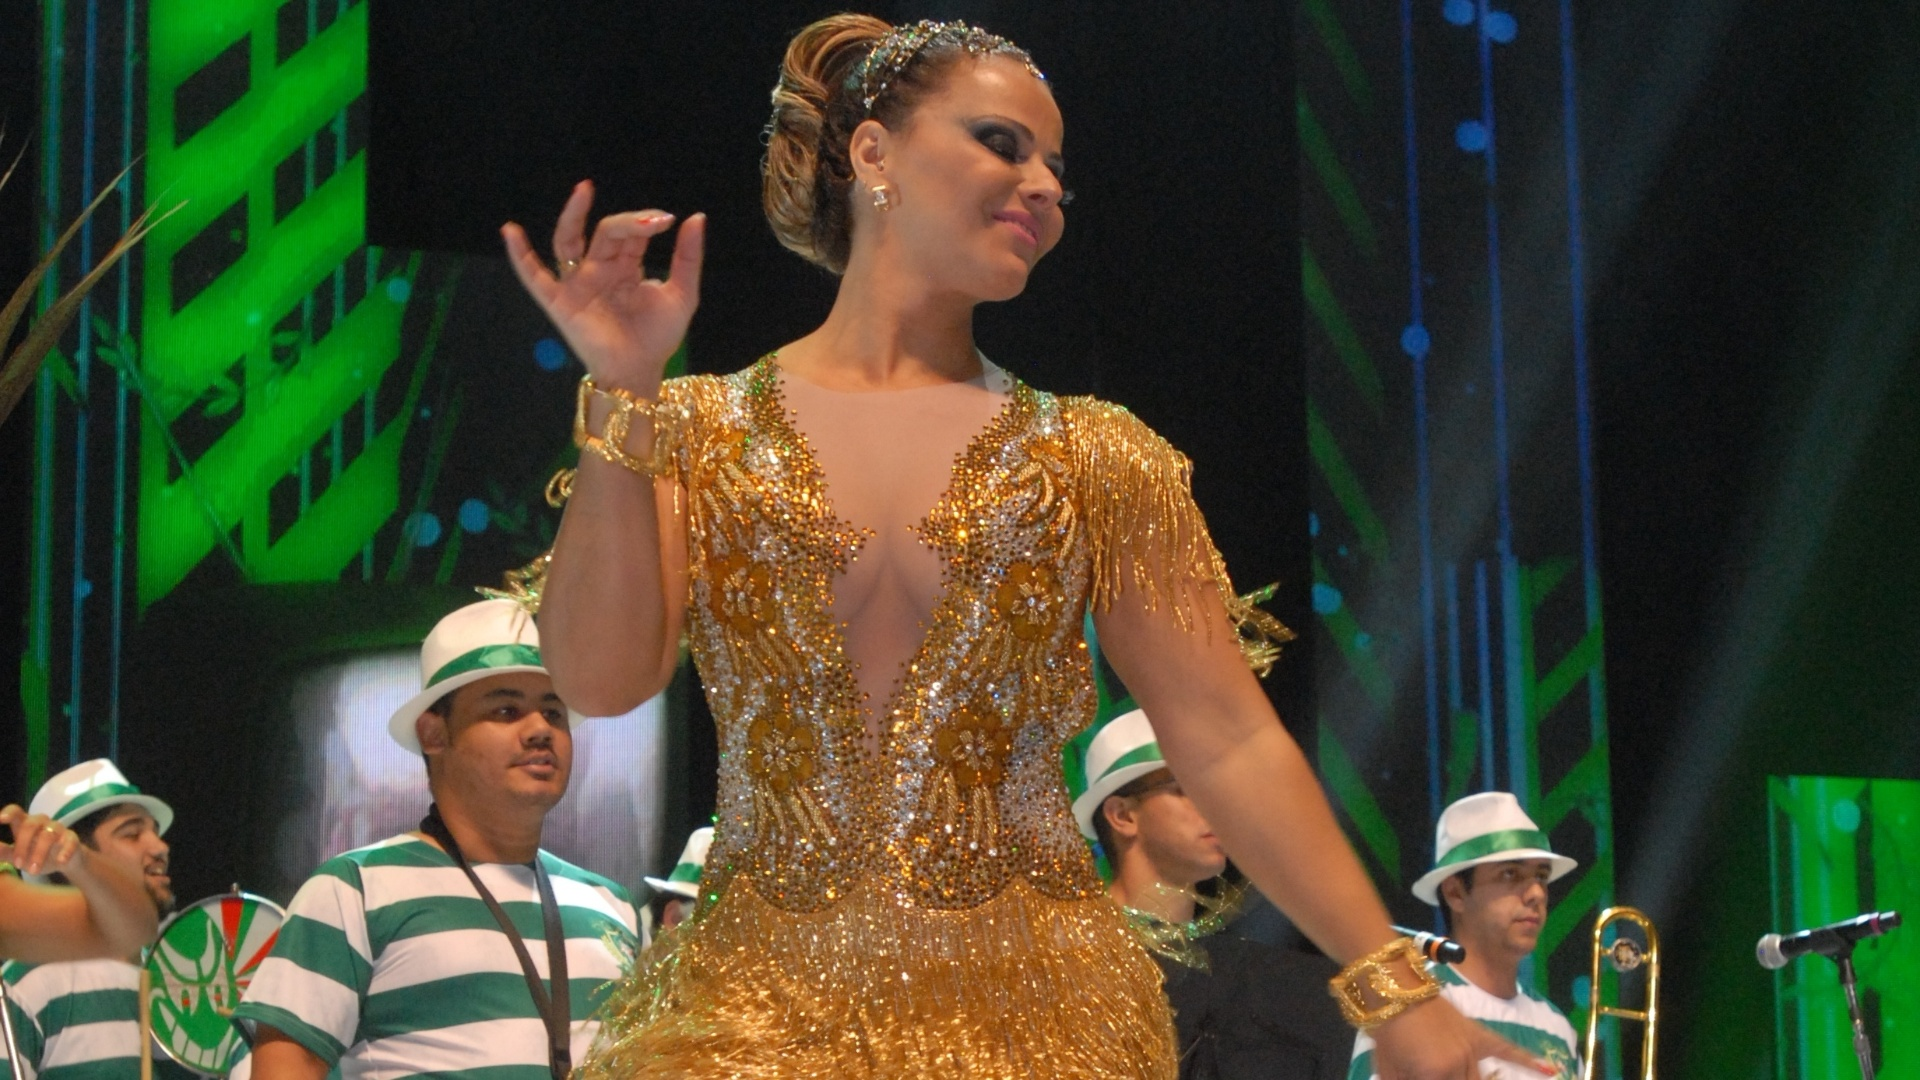 Rainha da Mancha Verde, Viviane Araújo também estará na avenida da Marquês de Sapucaí, à frente da bateria do Salgueiro (14/11/12)